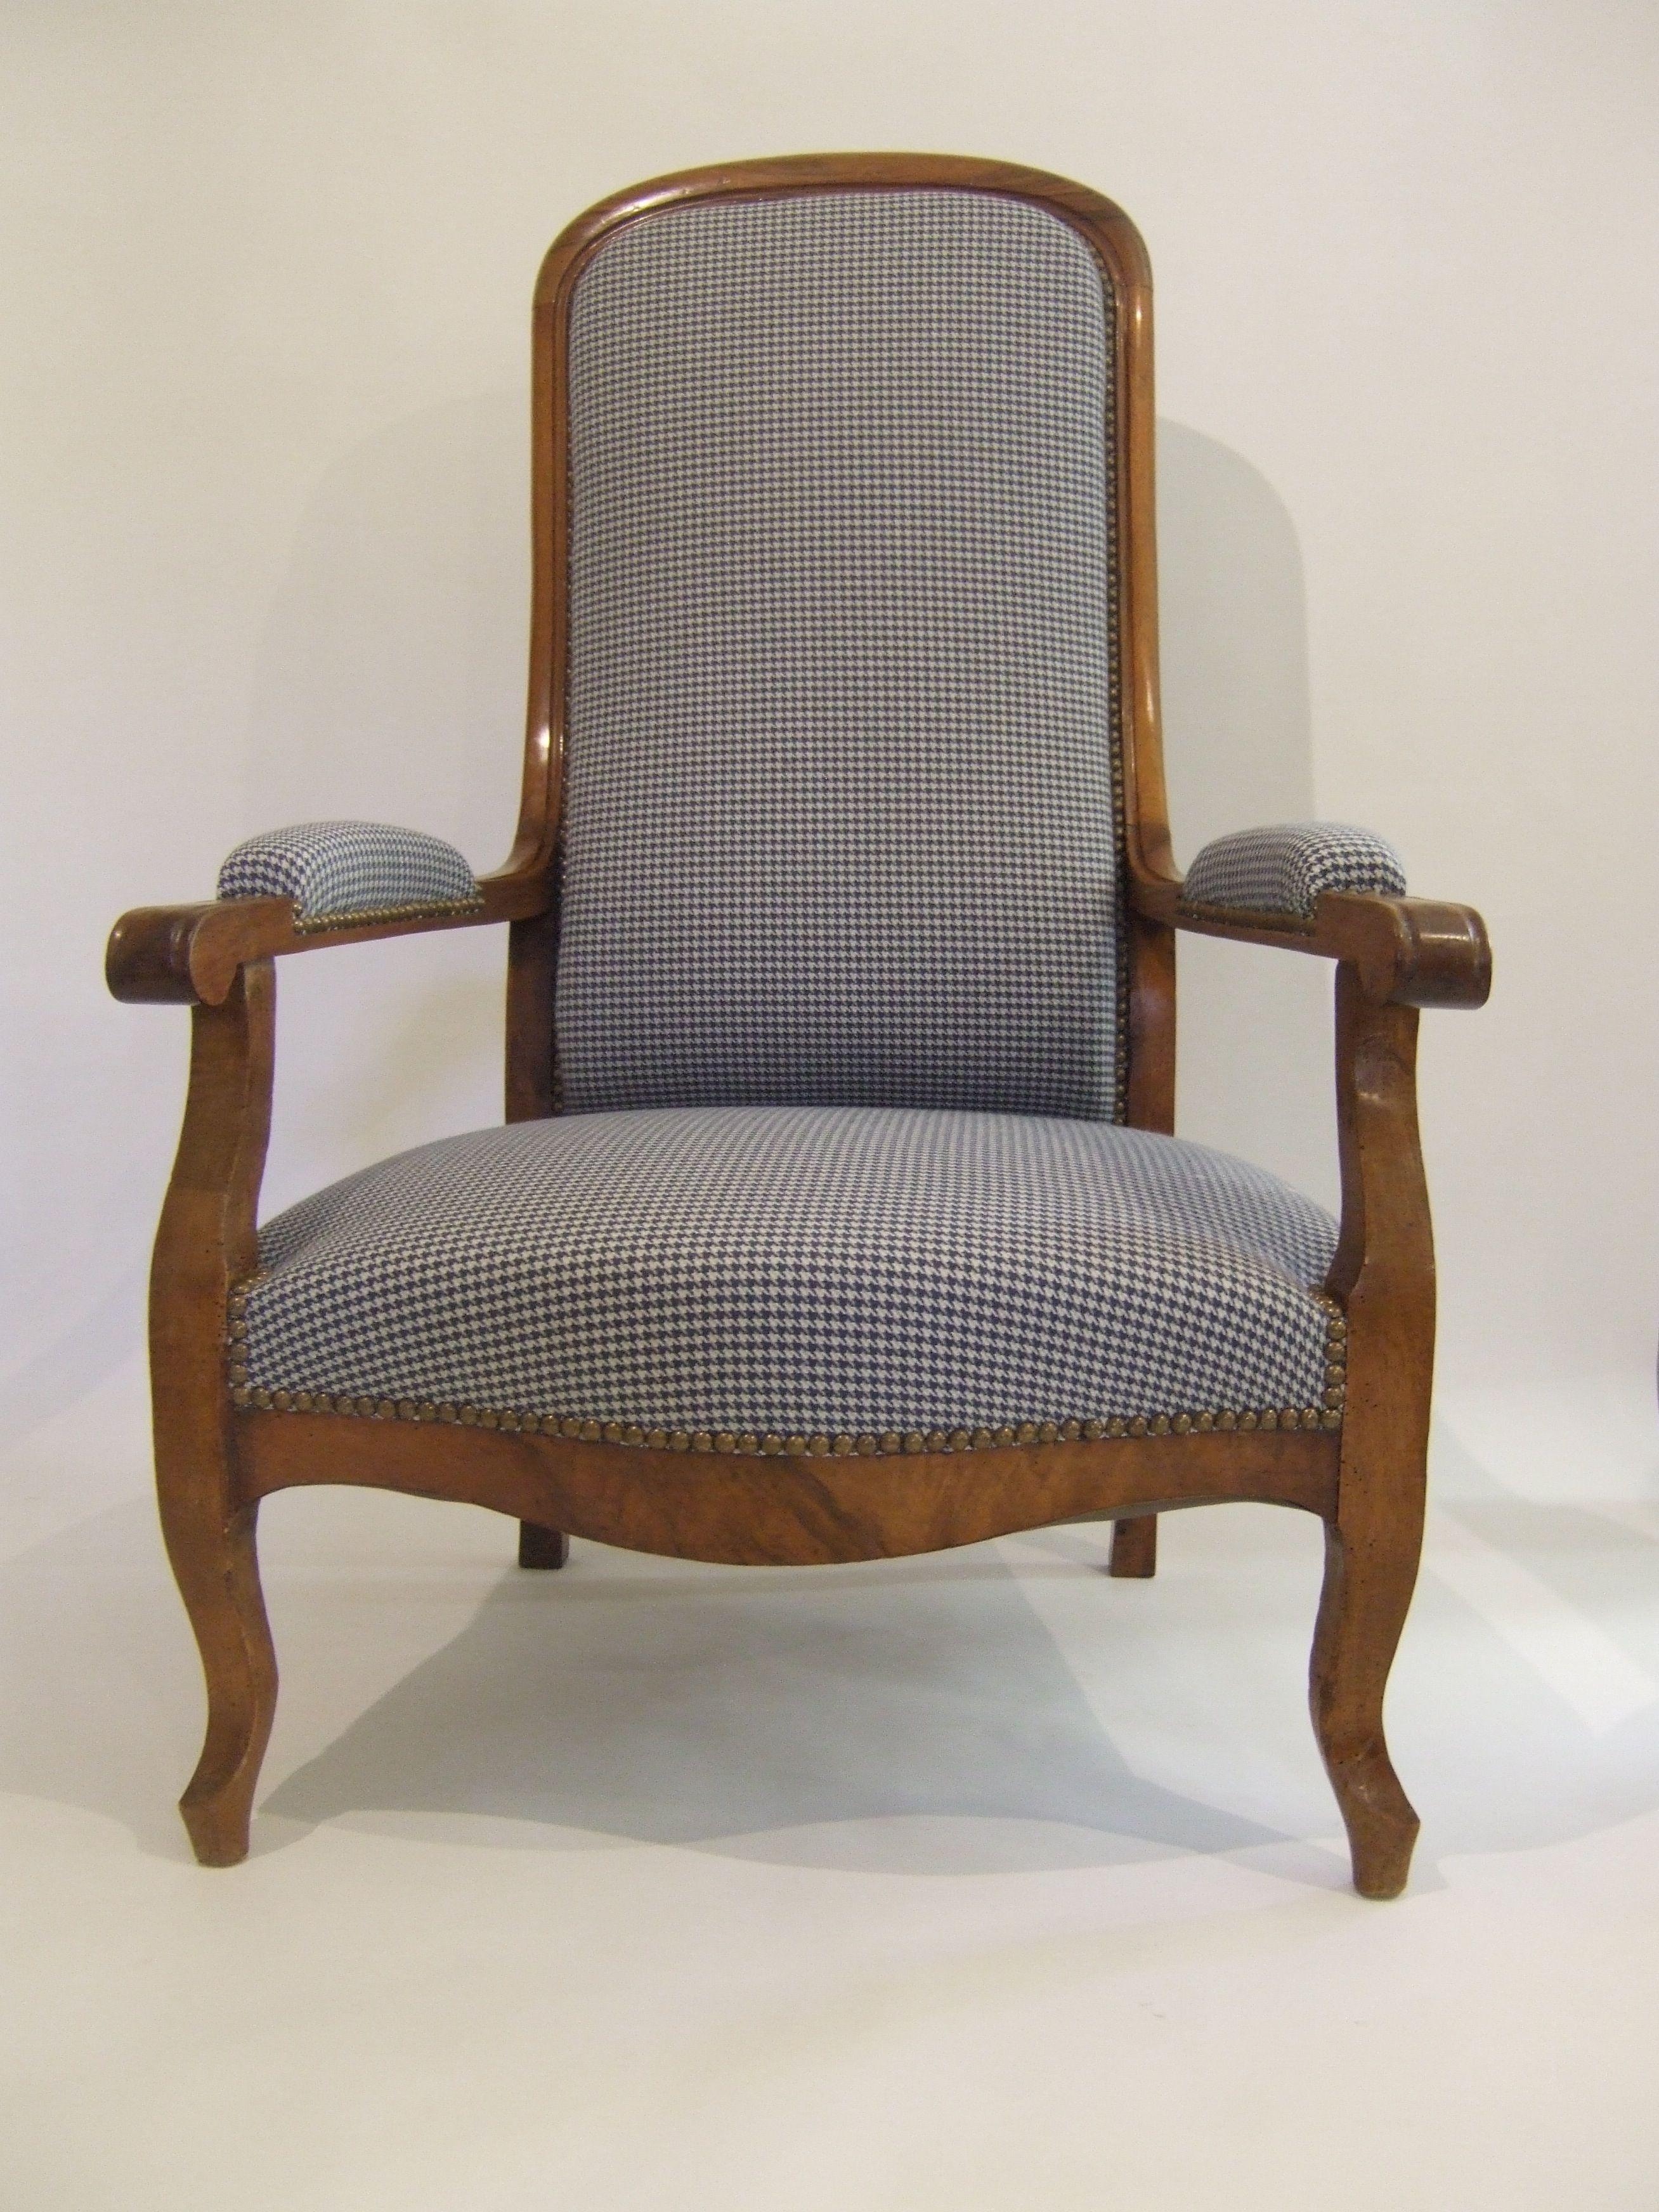 fauteuil voltaire pied de poule fauteuils pinterest fauteuil voltaire voltaire et pied de. Black Bedroom Furniture Sets. Home Design Ideas